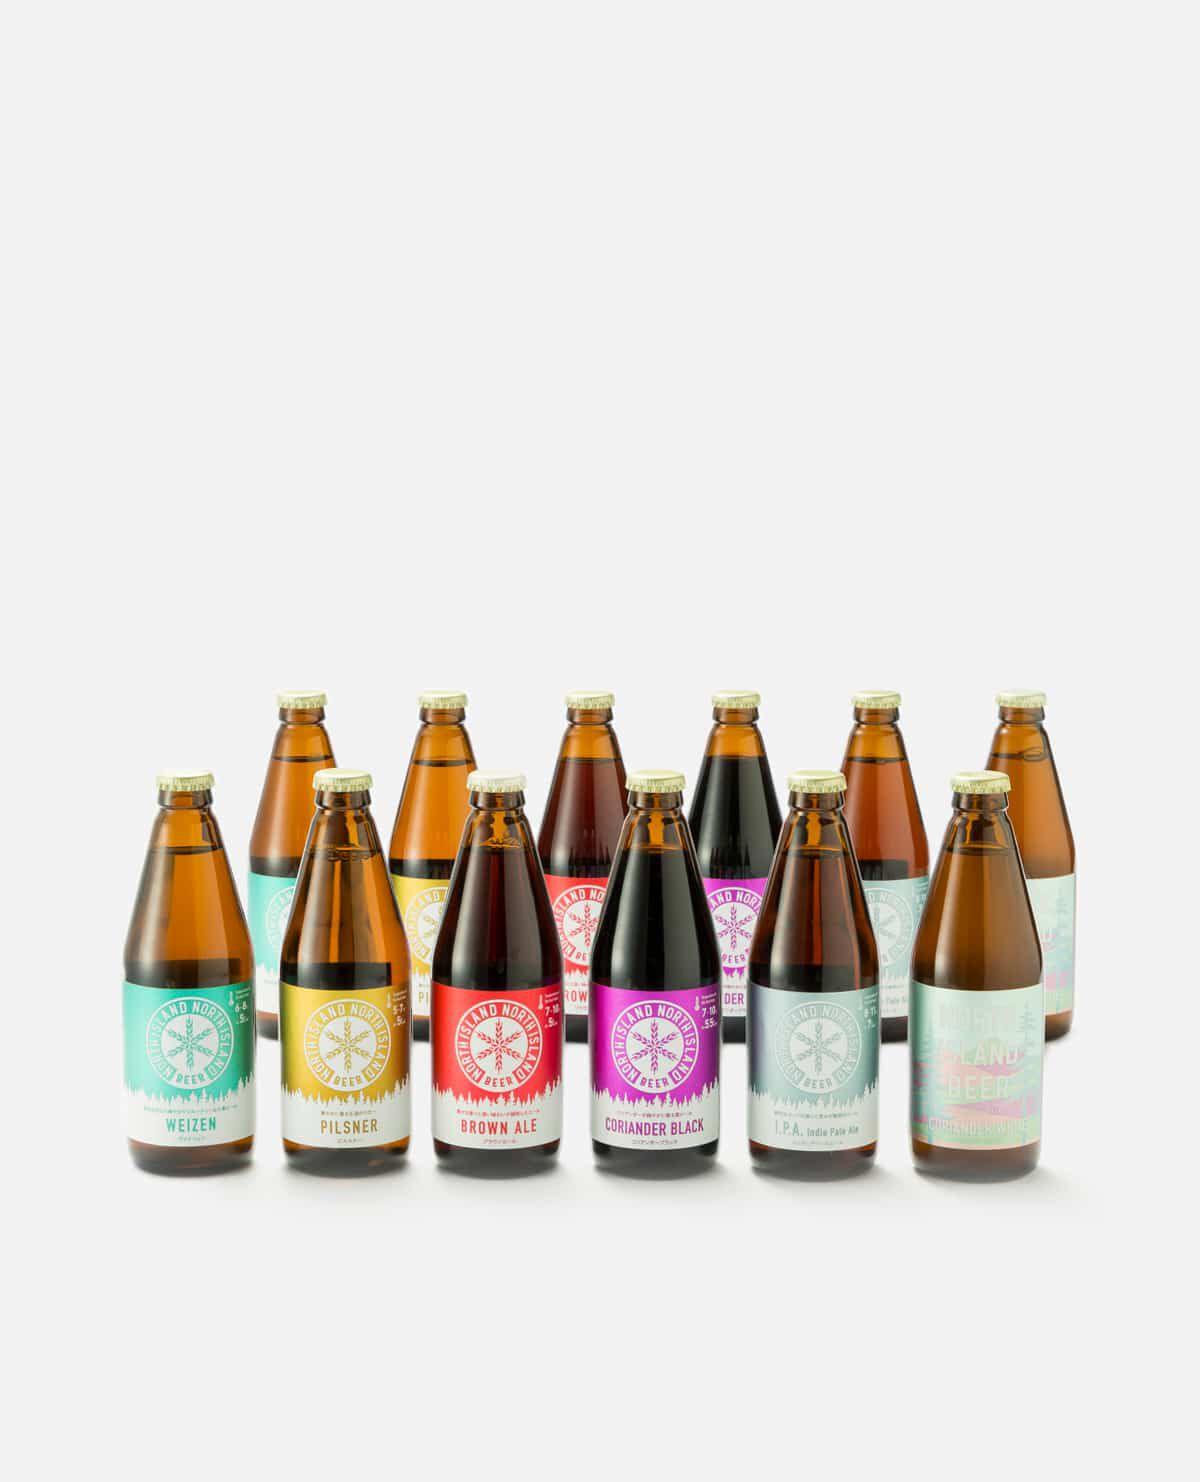 ノースアイランドビール クラフトビール6種飲み比べセット(季節のビール2本を含む12本入り)